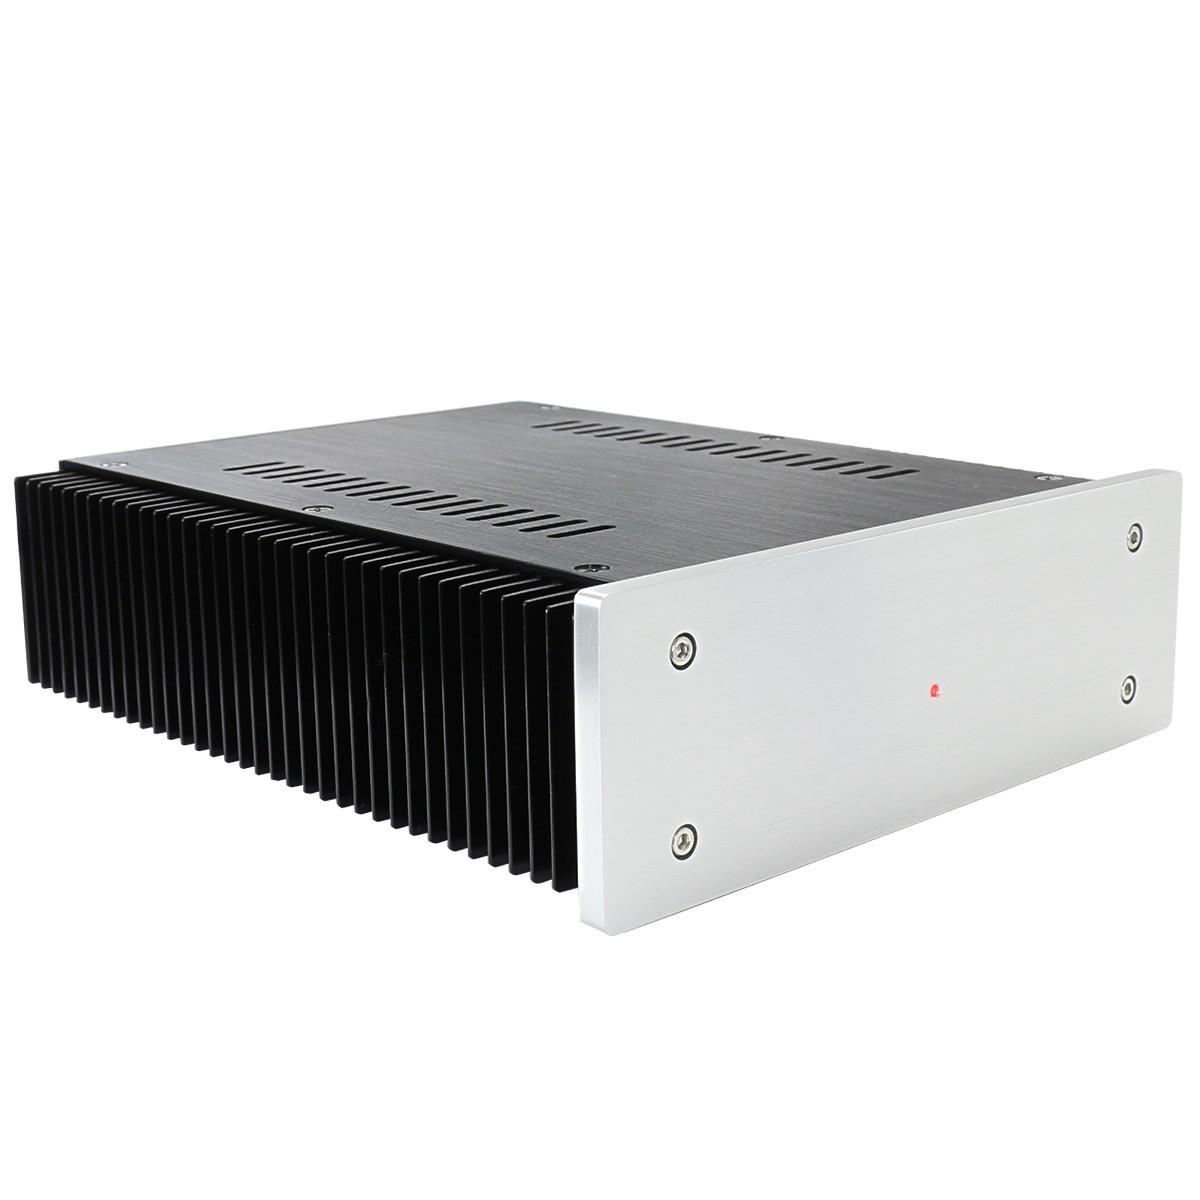 Alimentation stabilisée linéaire HiFi 12V + 5V 5A 200W NAS / Freebox / Squeezebox